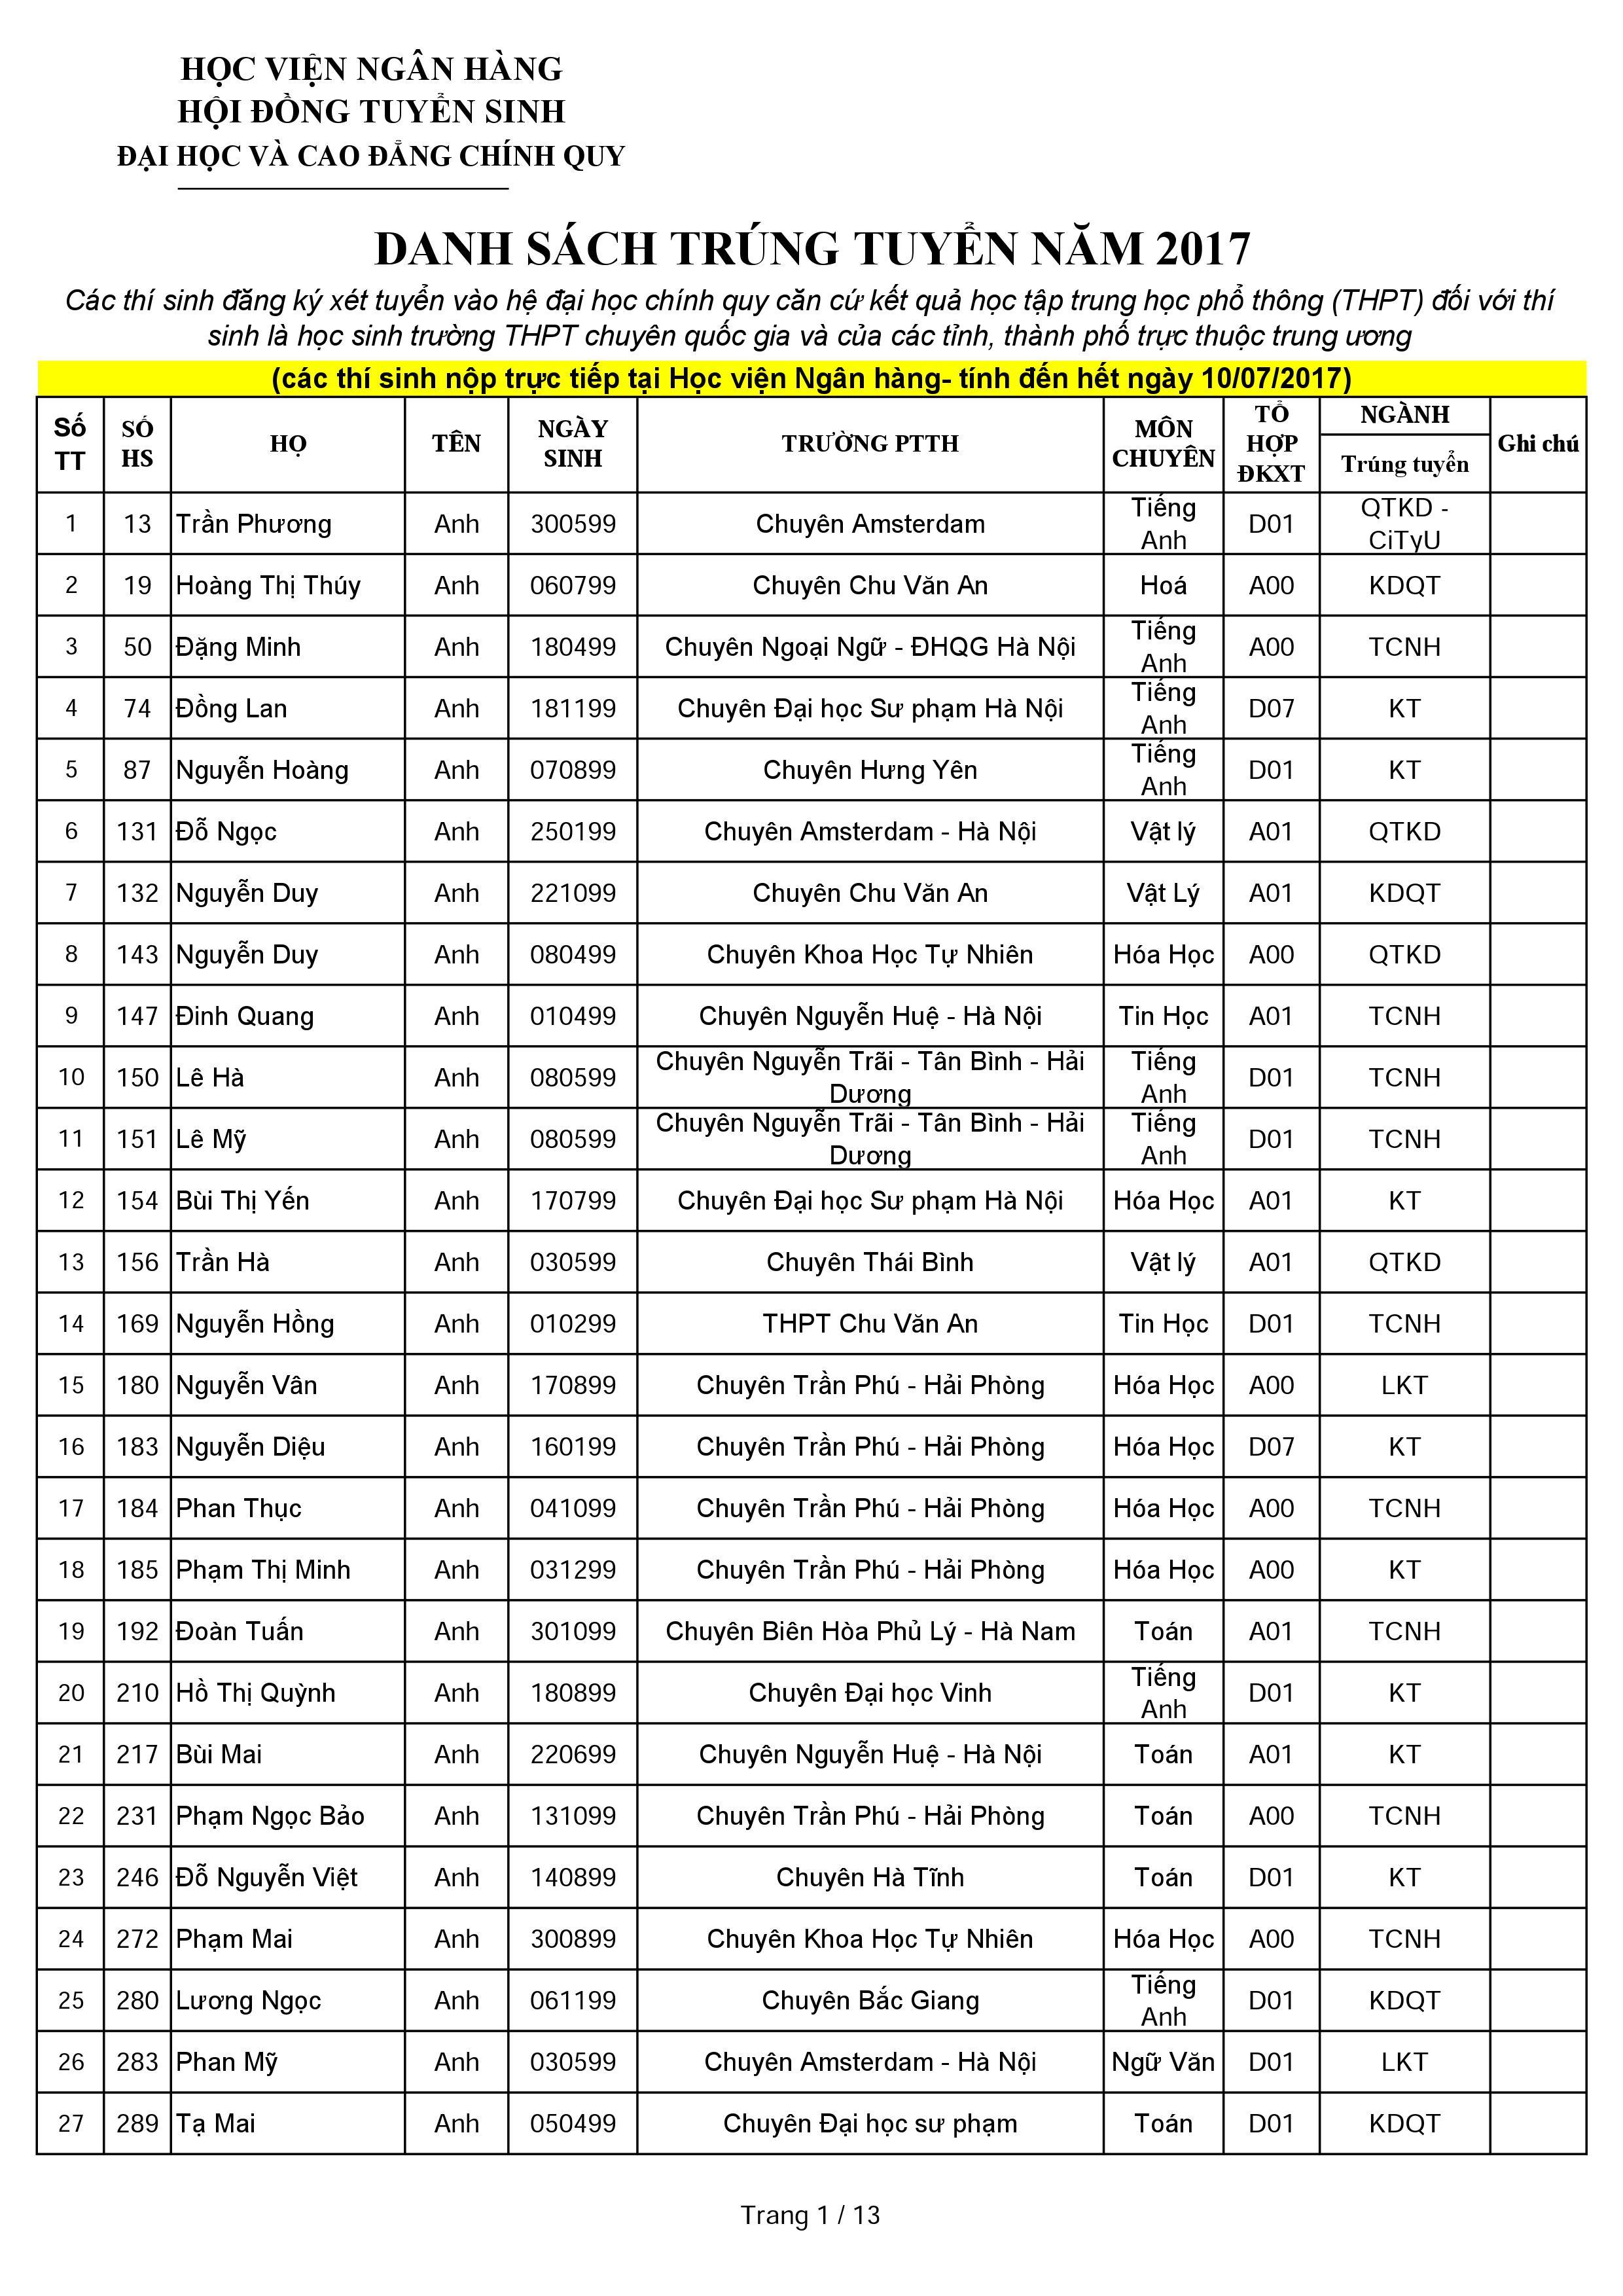 Học viện Ngân hàng công bố danh sách trúng tuyển